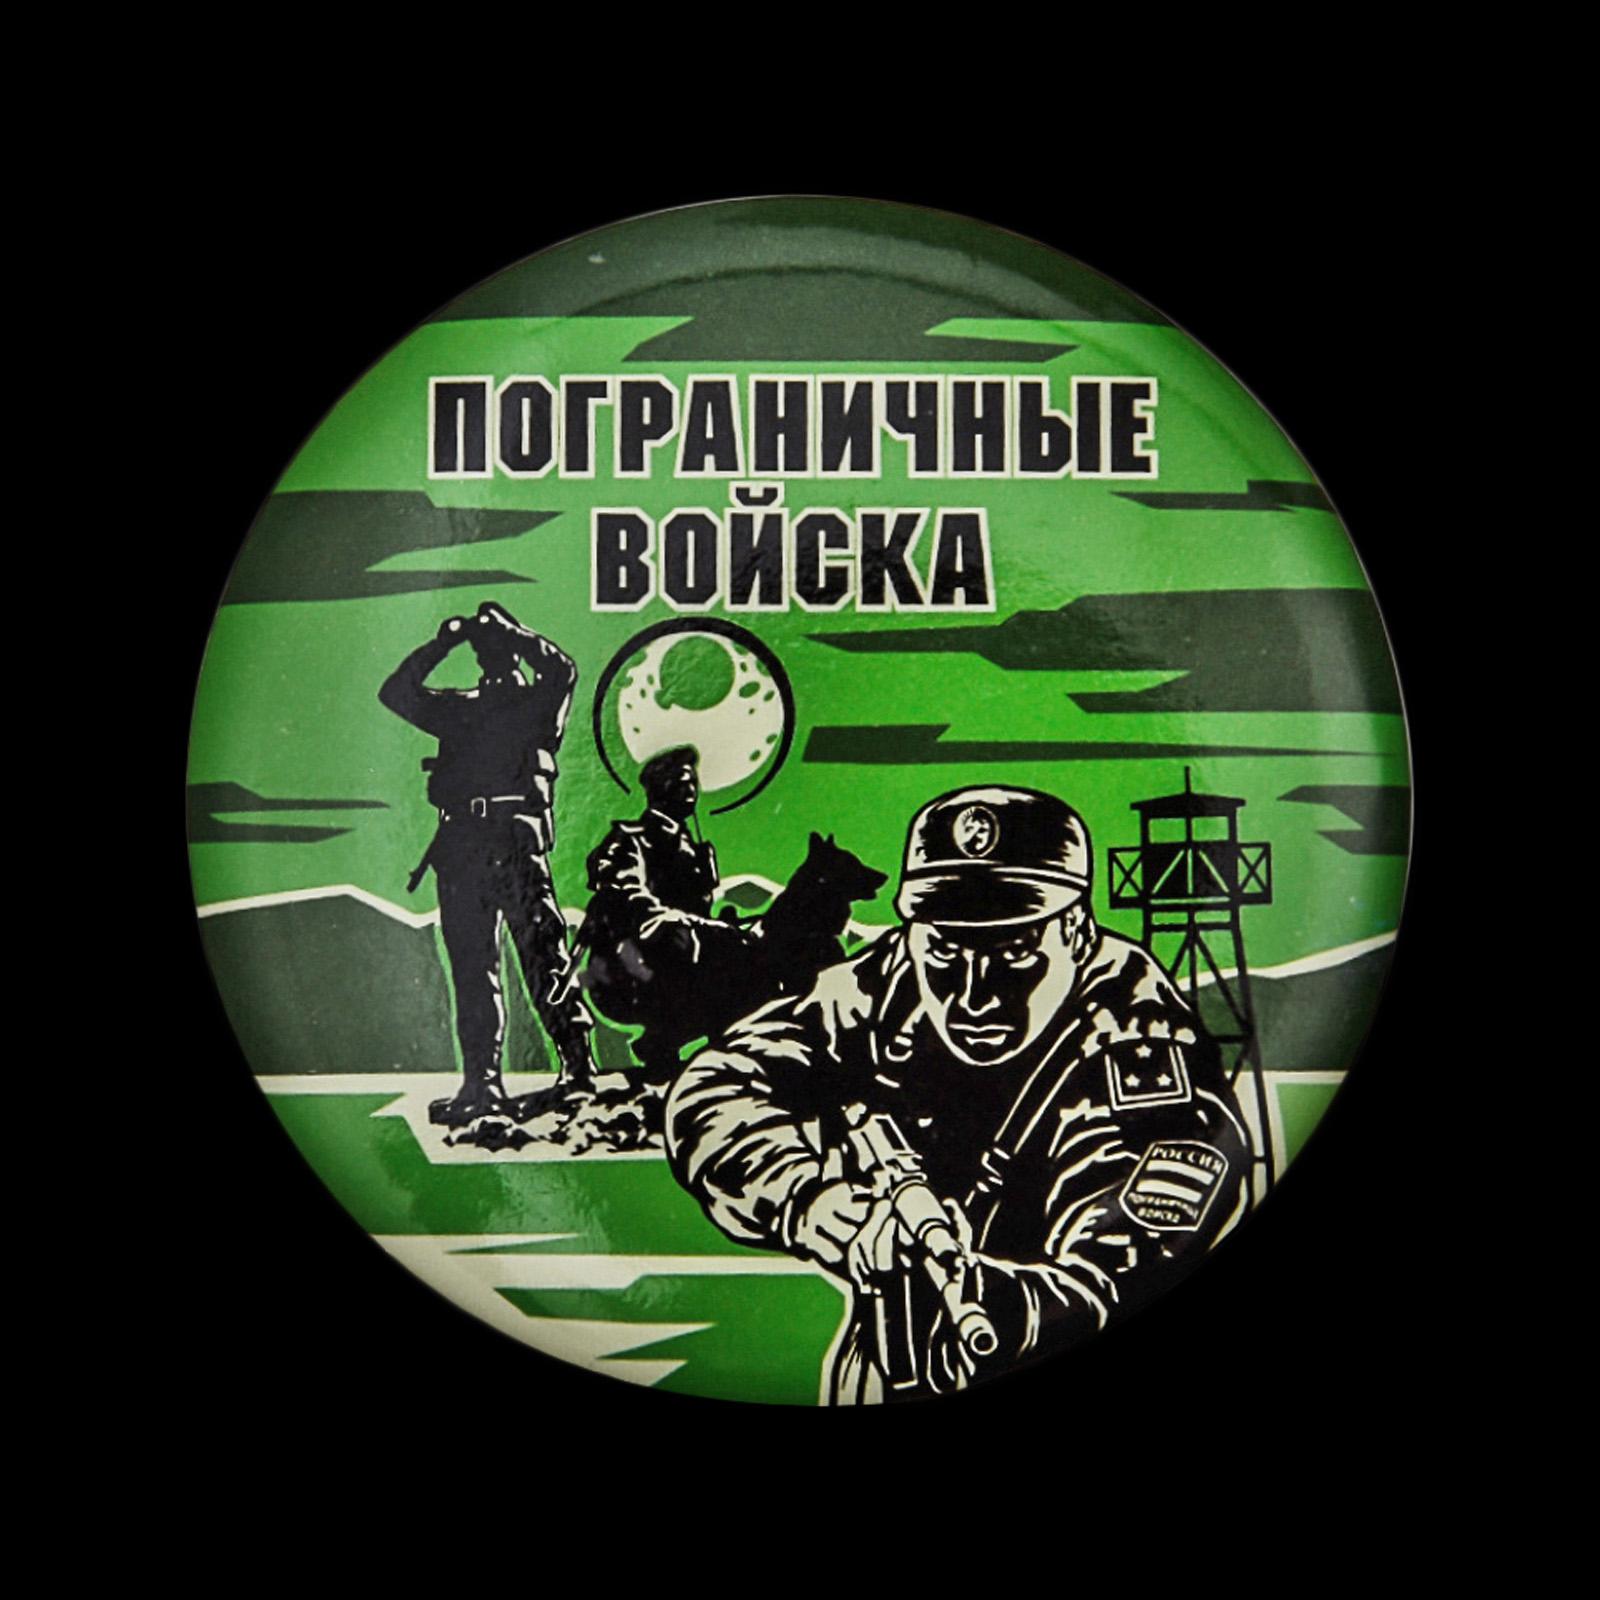 Закатный значок «Пограничные войска» от Военпро